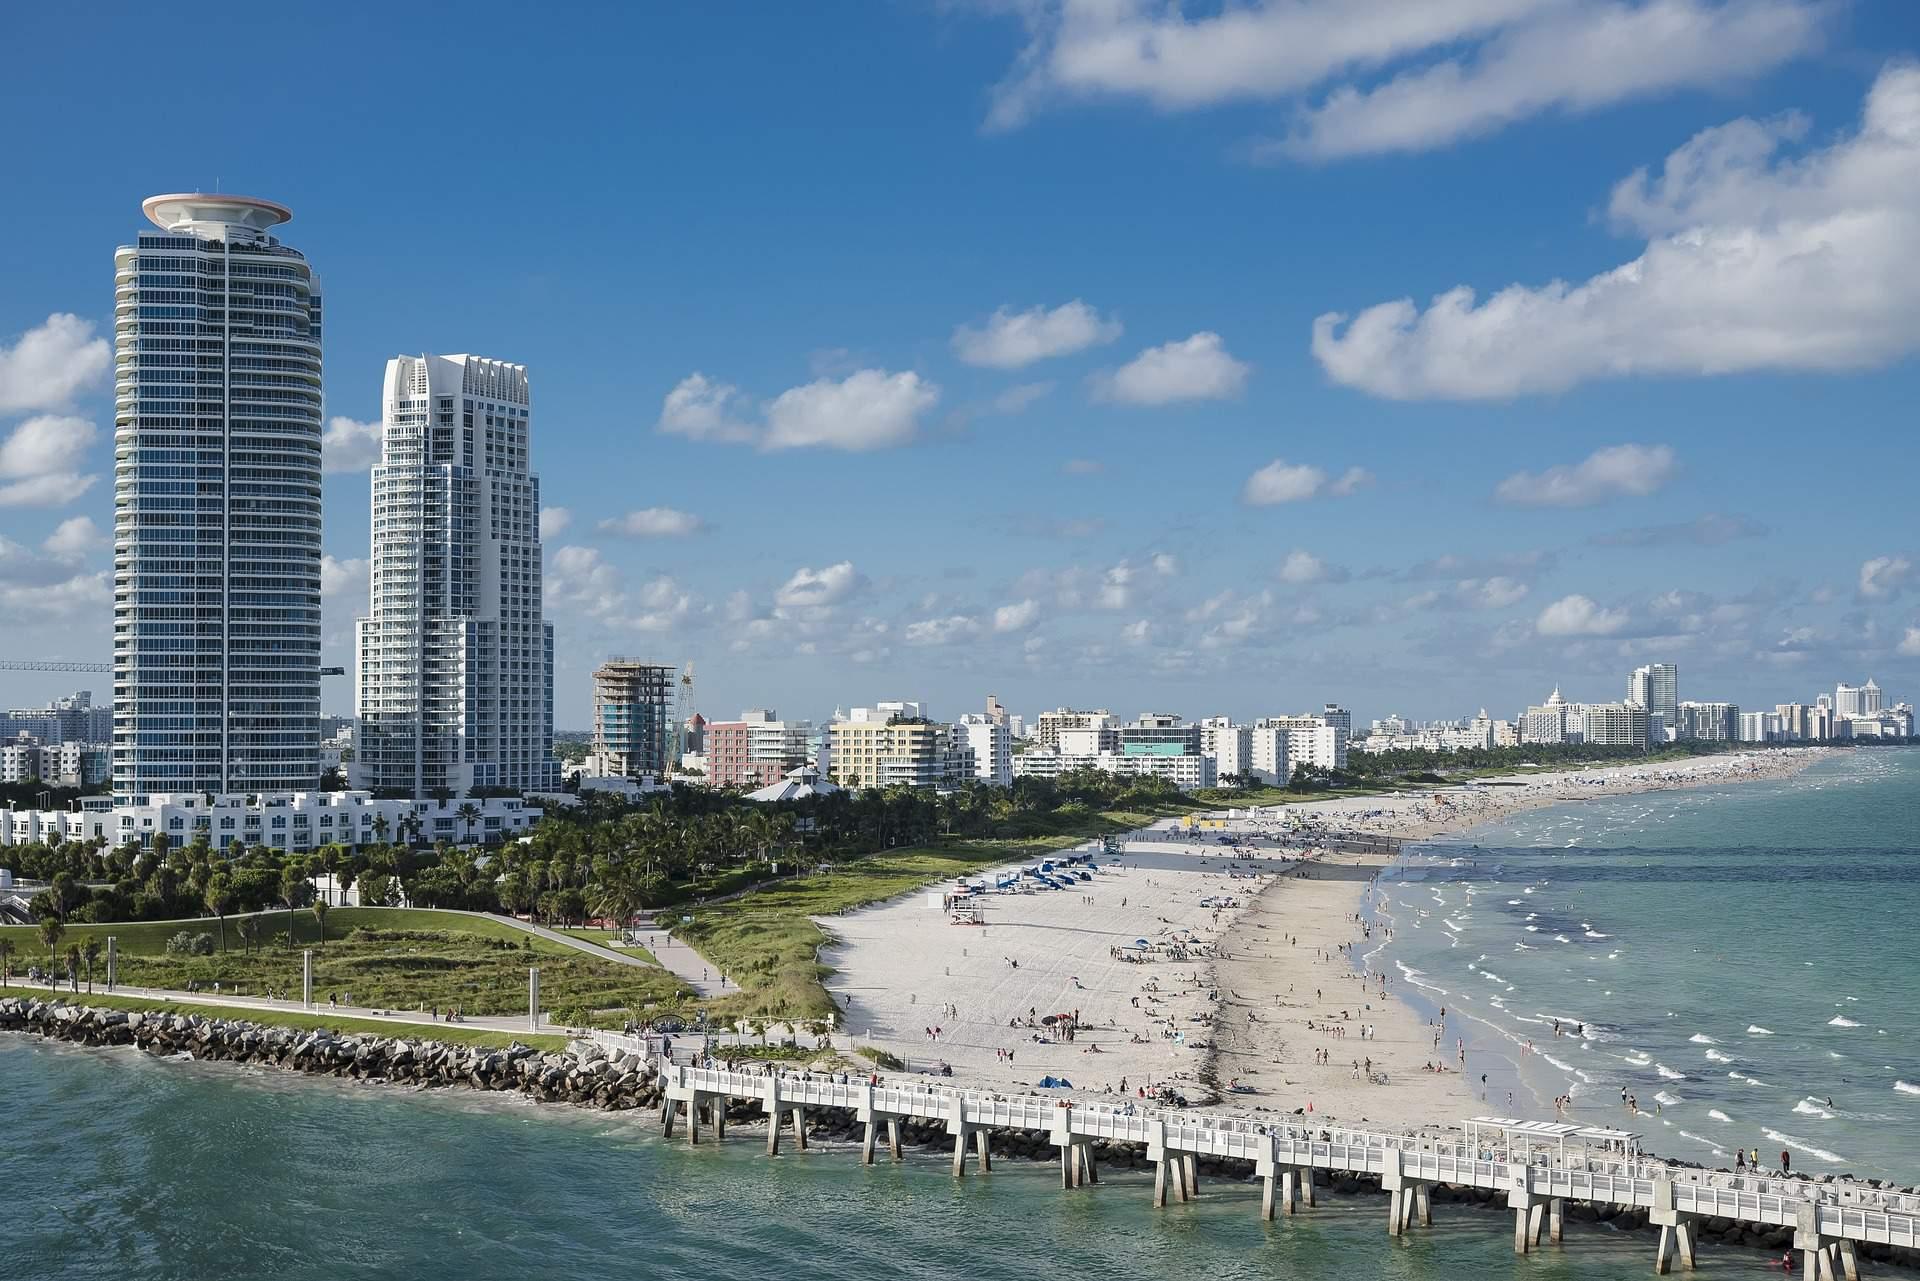 miami florida coast beach